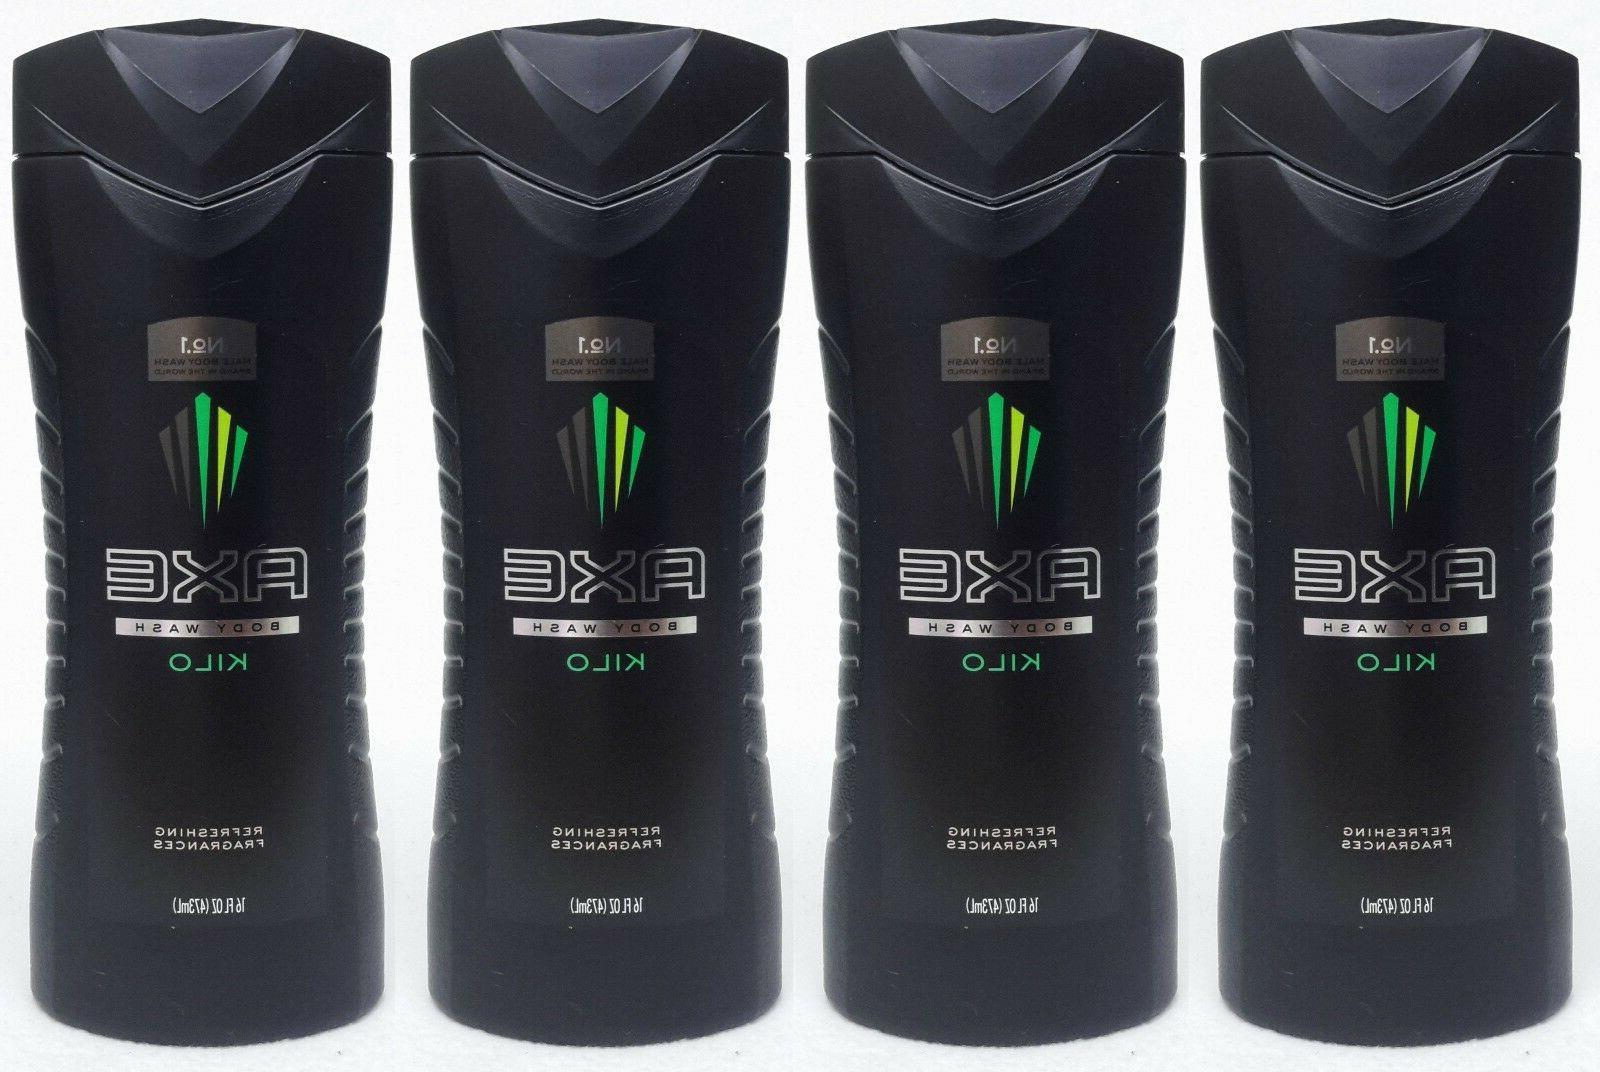 4 Axe for Men KILO Refreshing Fragrances Body Wash Shower Ge